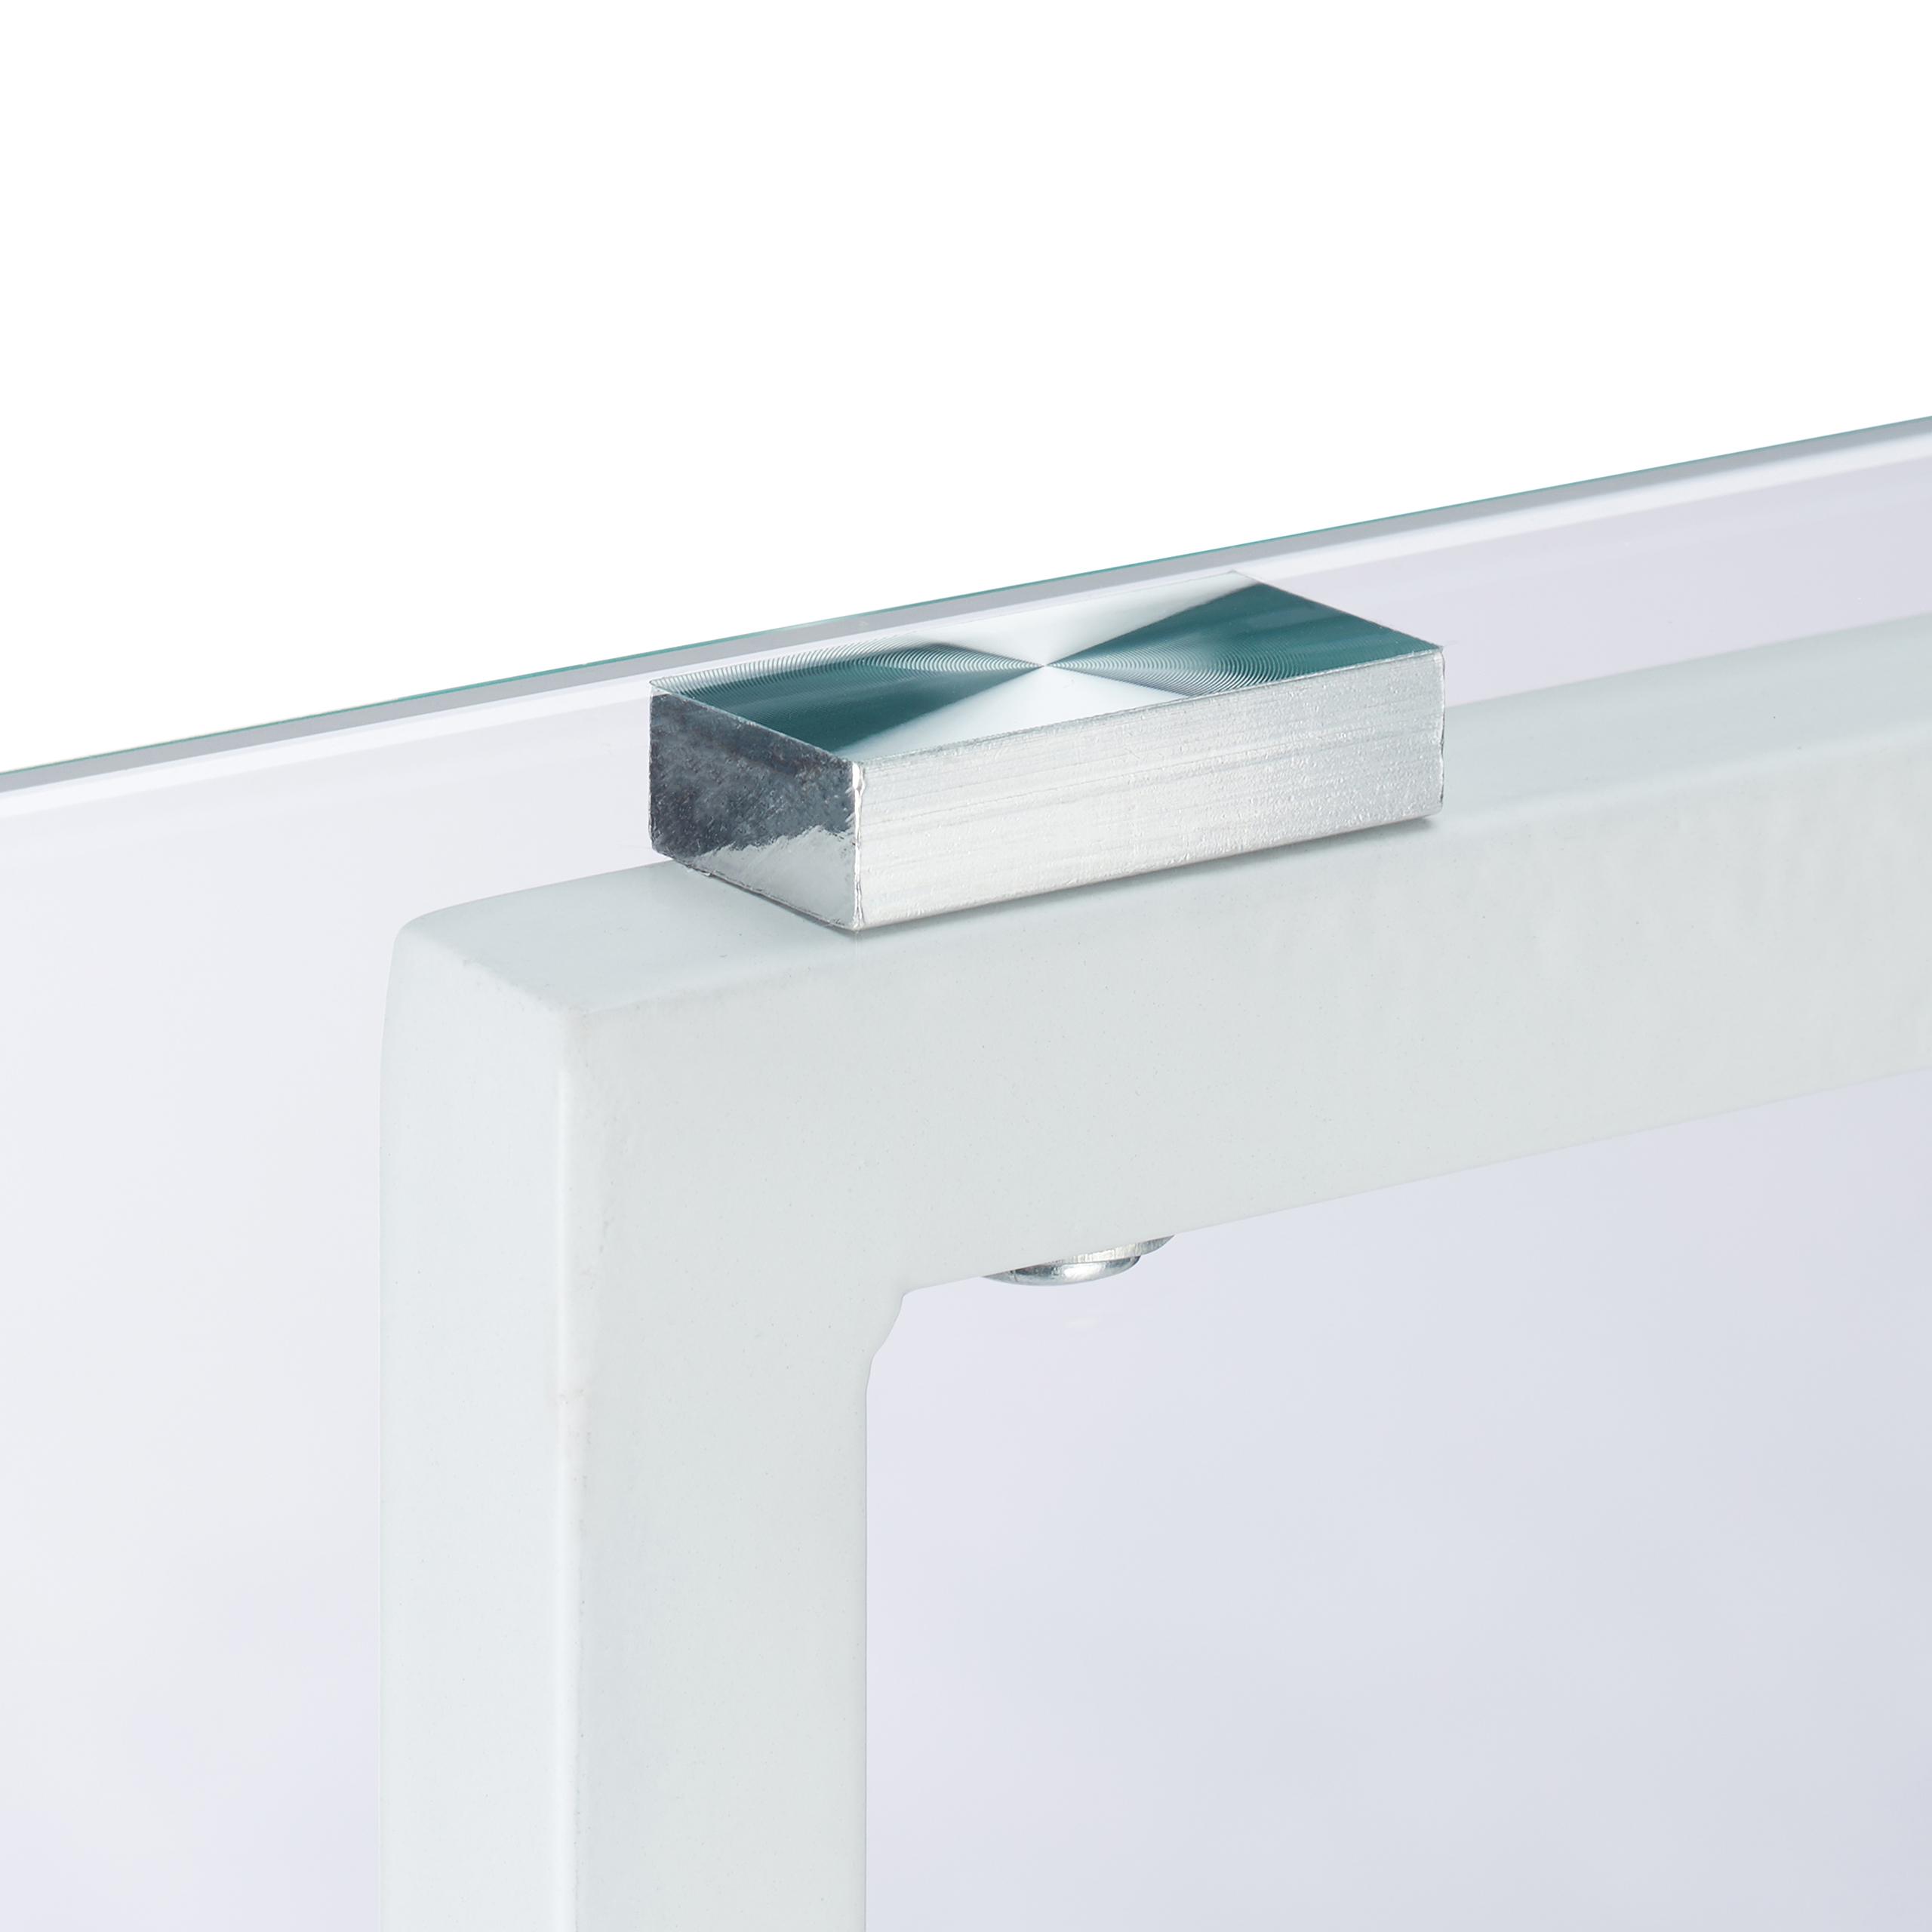 beistelltisch metall glas dekotisch kleiner couchtisch. Black Bedroom Furniture Sets. Home Design Ideas